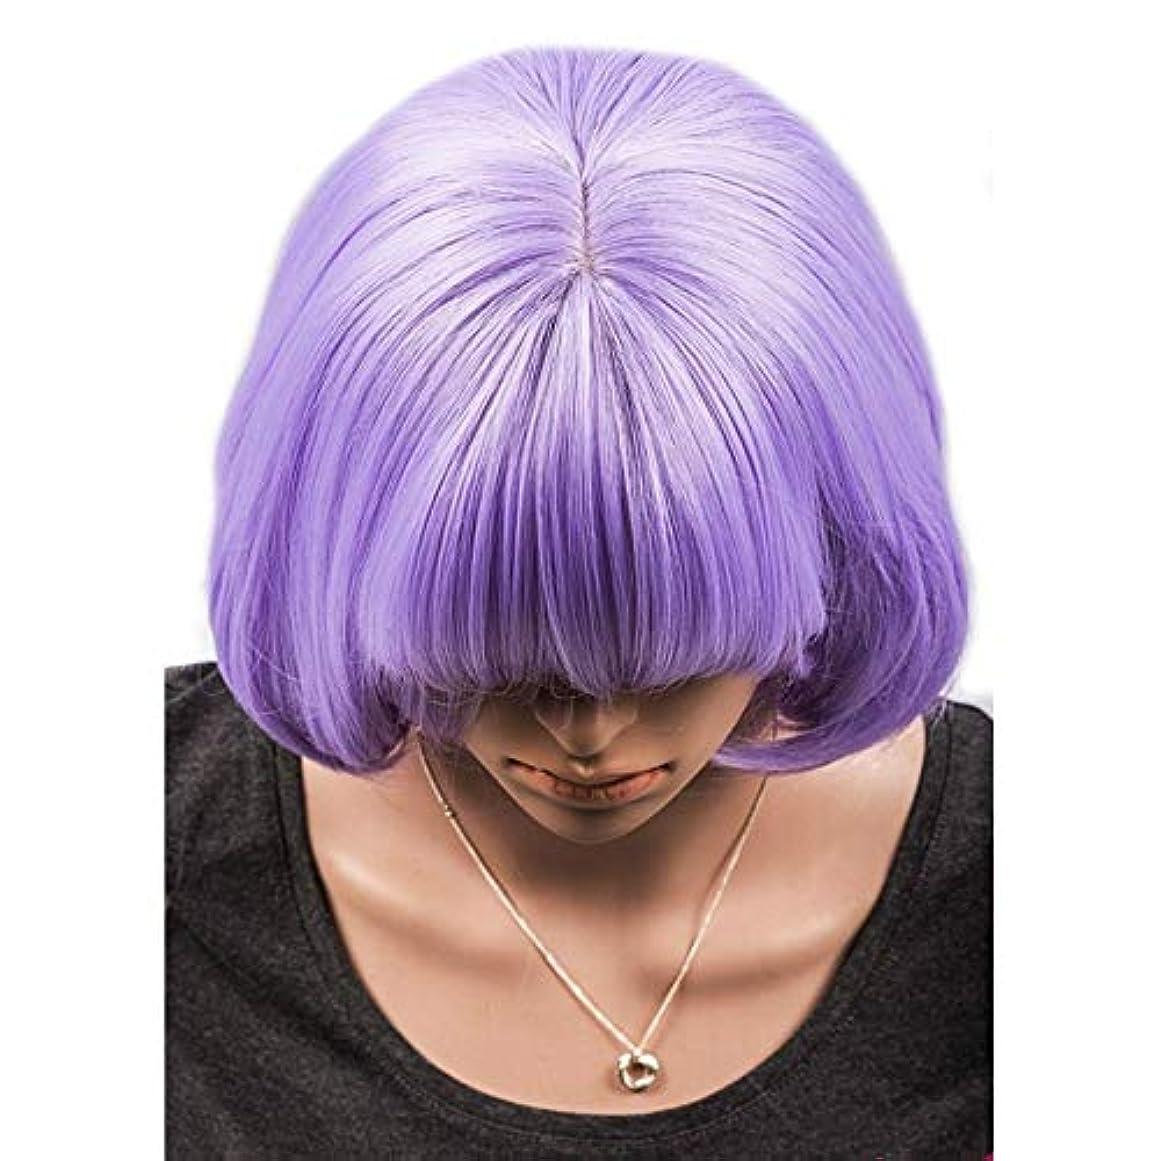 植生換気する枯渇WASAIO 女性用ウィッグショートストレートヘアパープルボブアクセサリースタイル交換用コスプレパーティードレス (色 : 紫の)